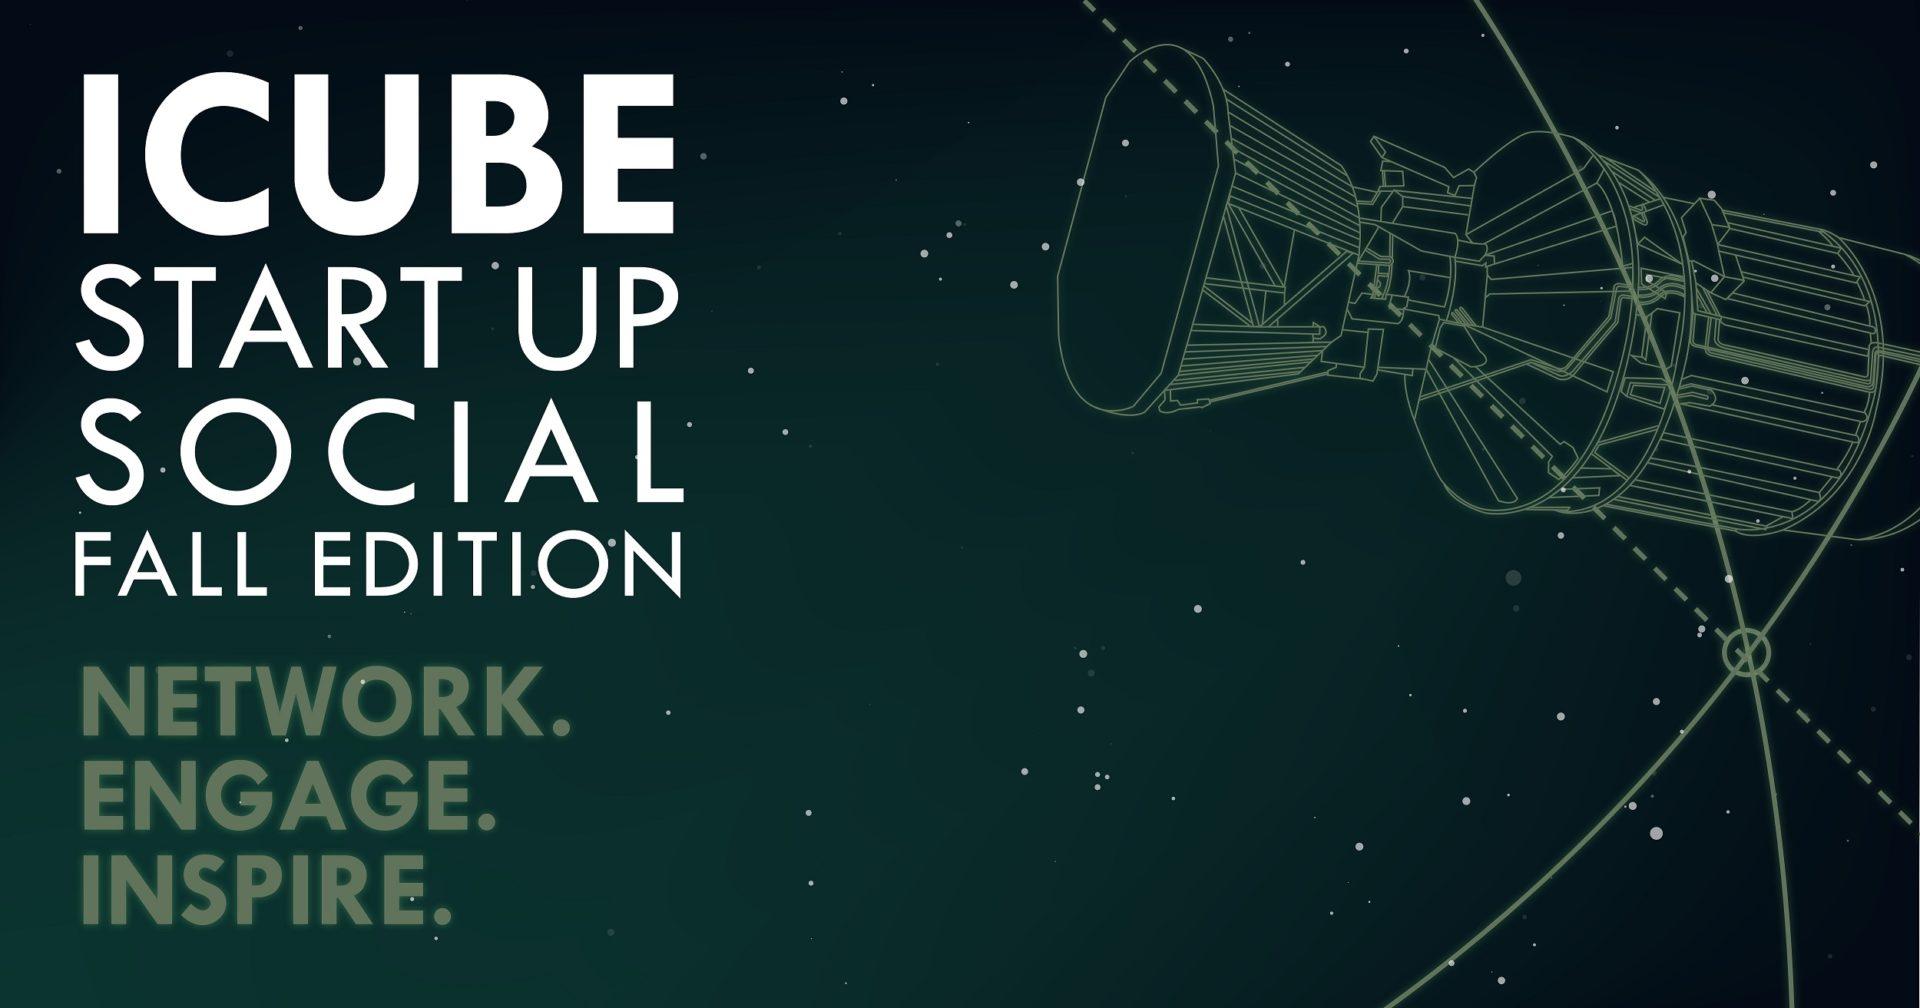 ICUBE Startup Social 2018 @ UTM Student Centre (Pub) | Mississauga | Ontario | Canada